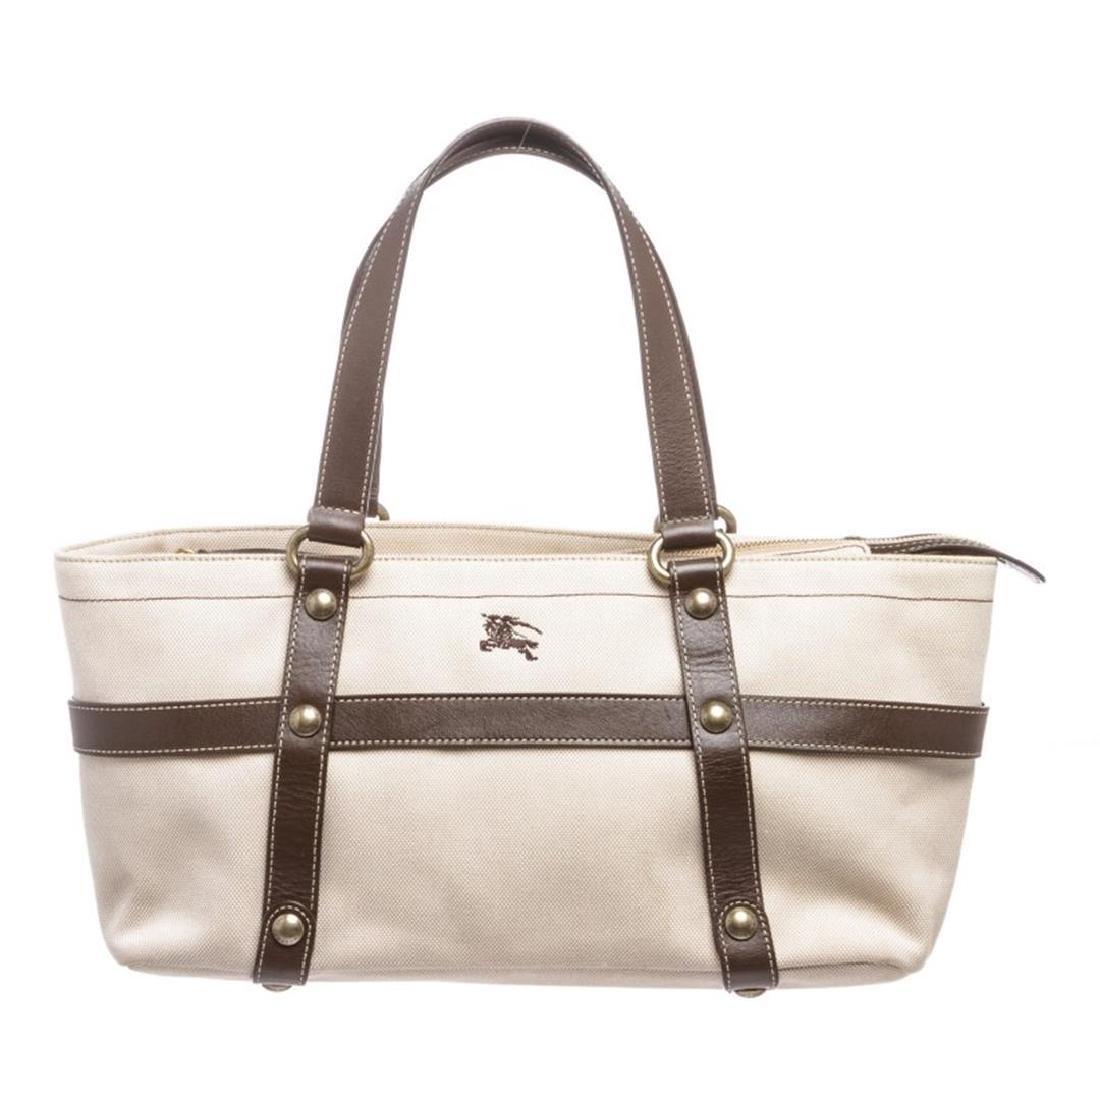 Burberry Beige Brown Canvas Leather Shoulder Bag